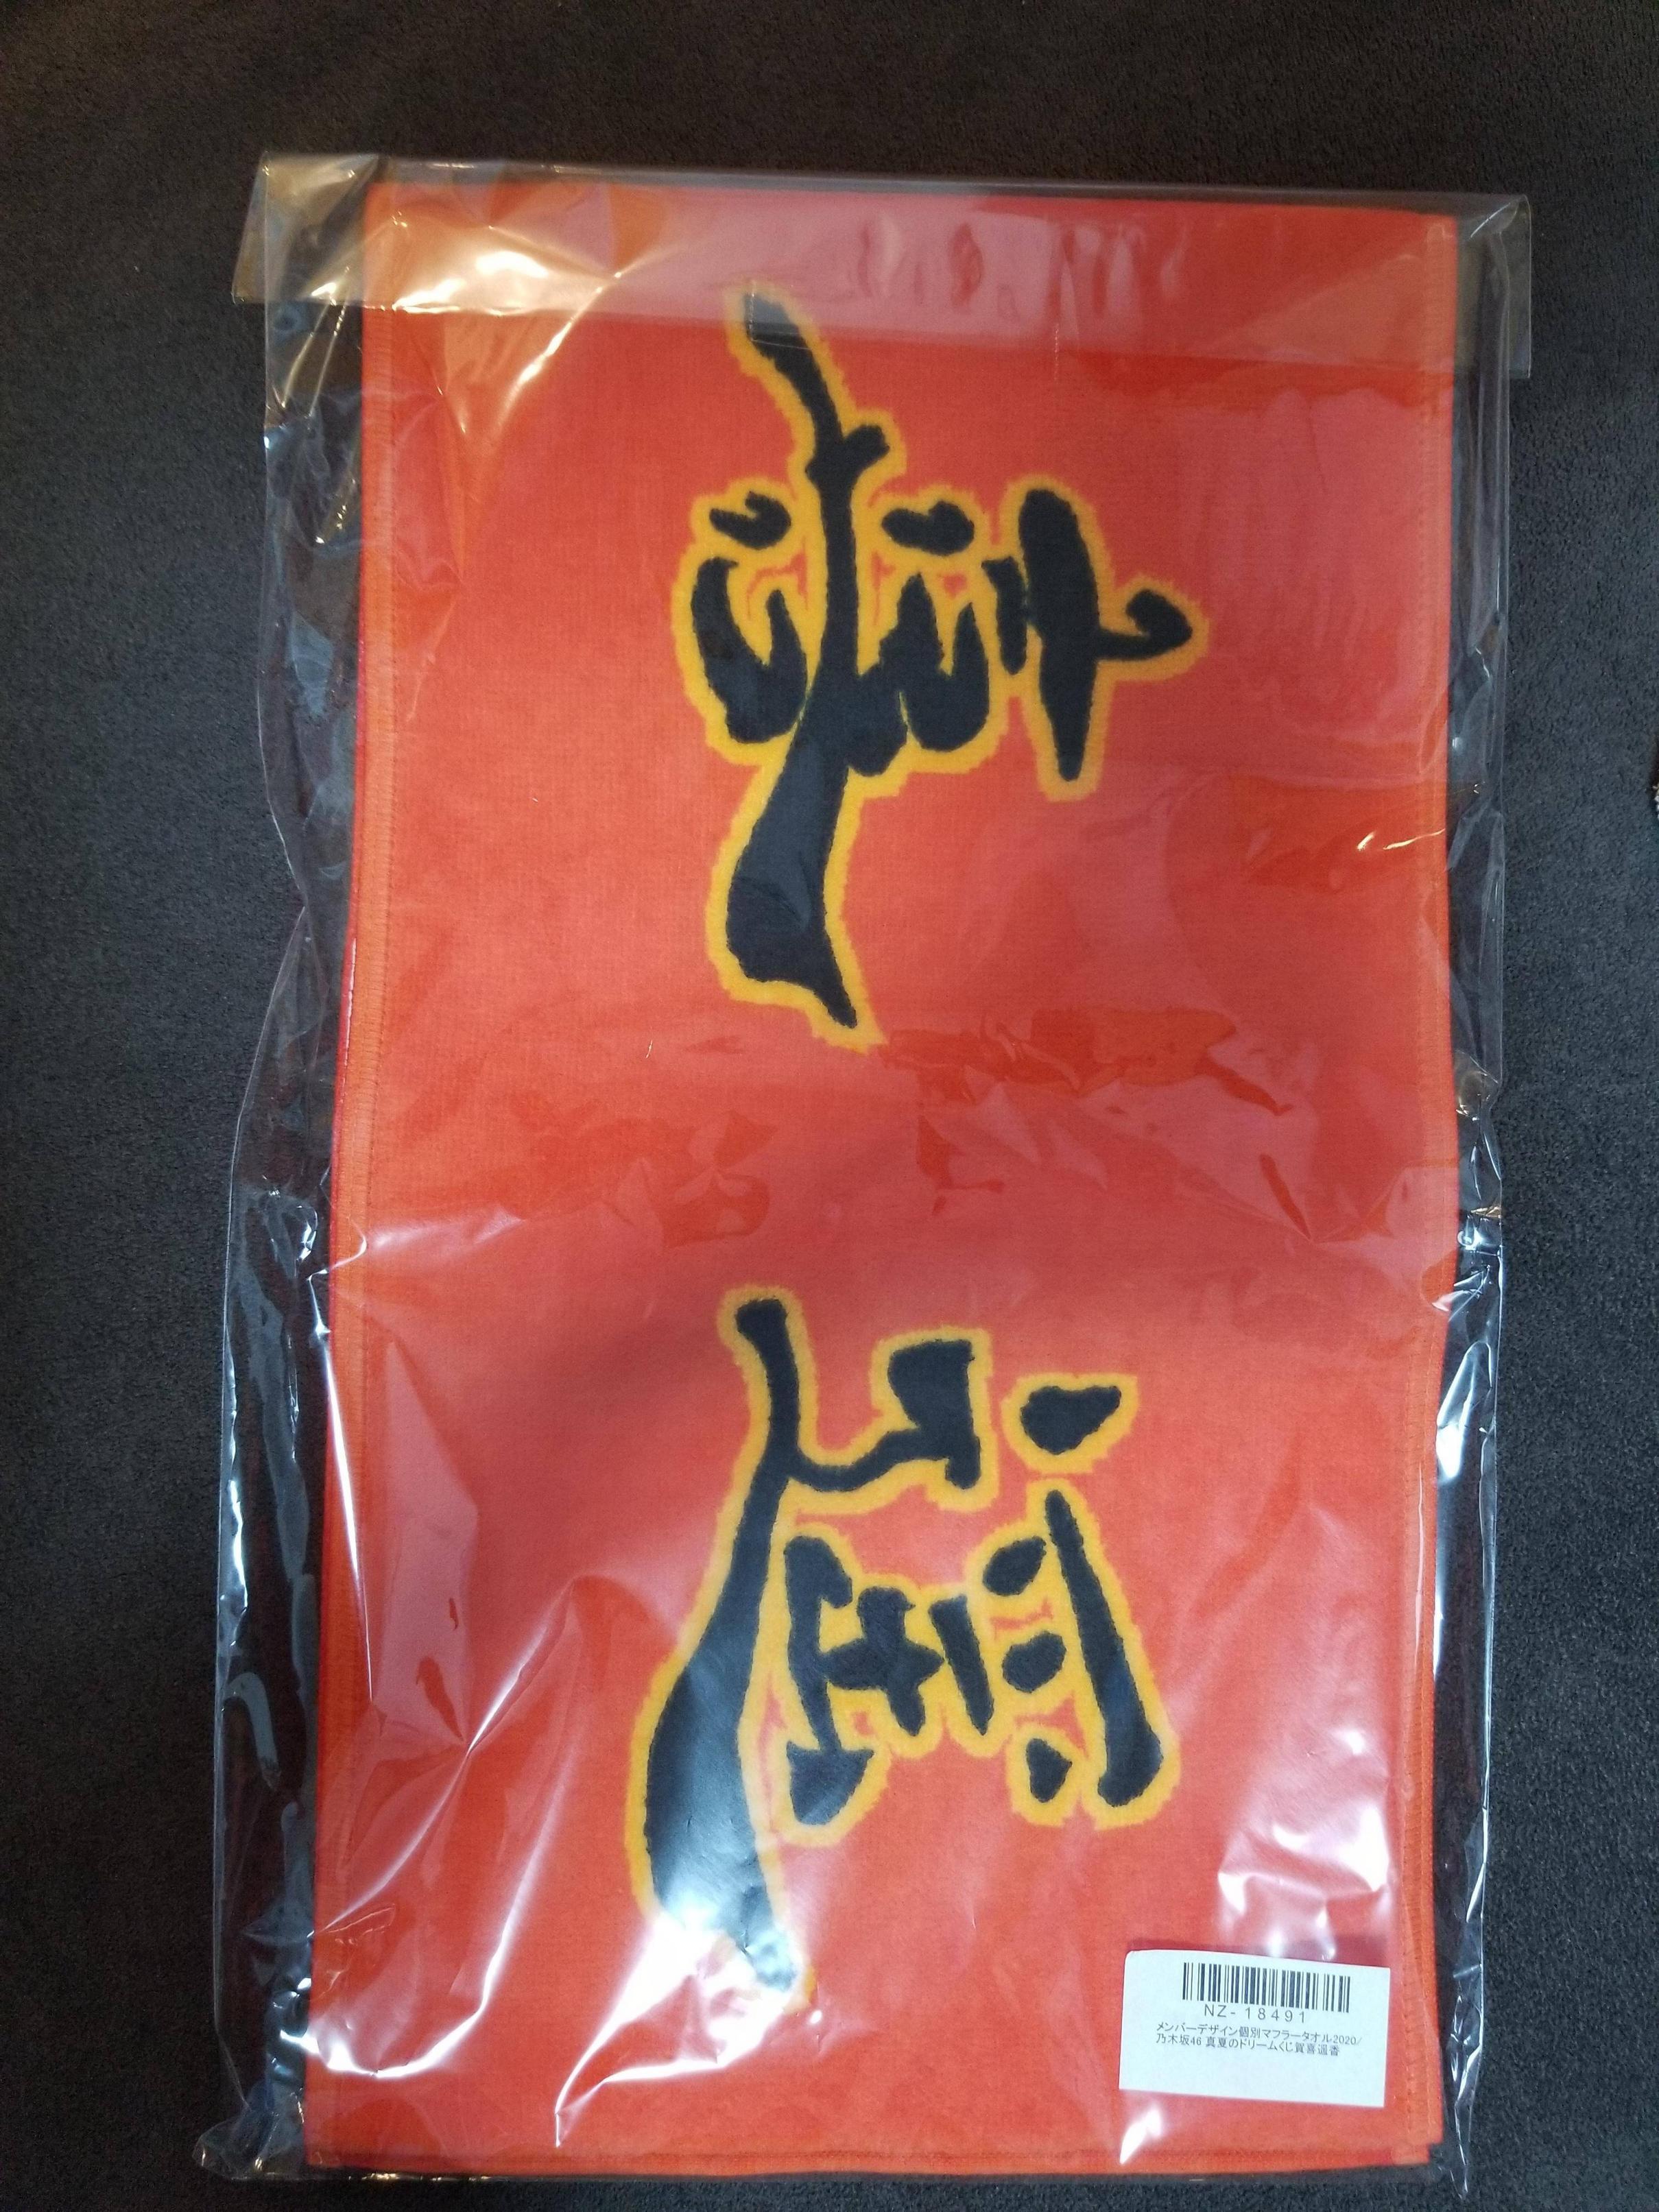 賀喜遥香デザインの推しメンマフラータオル